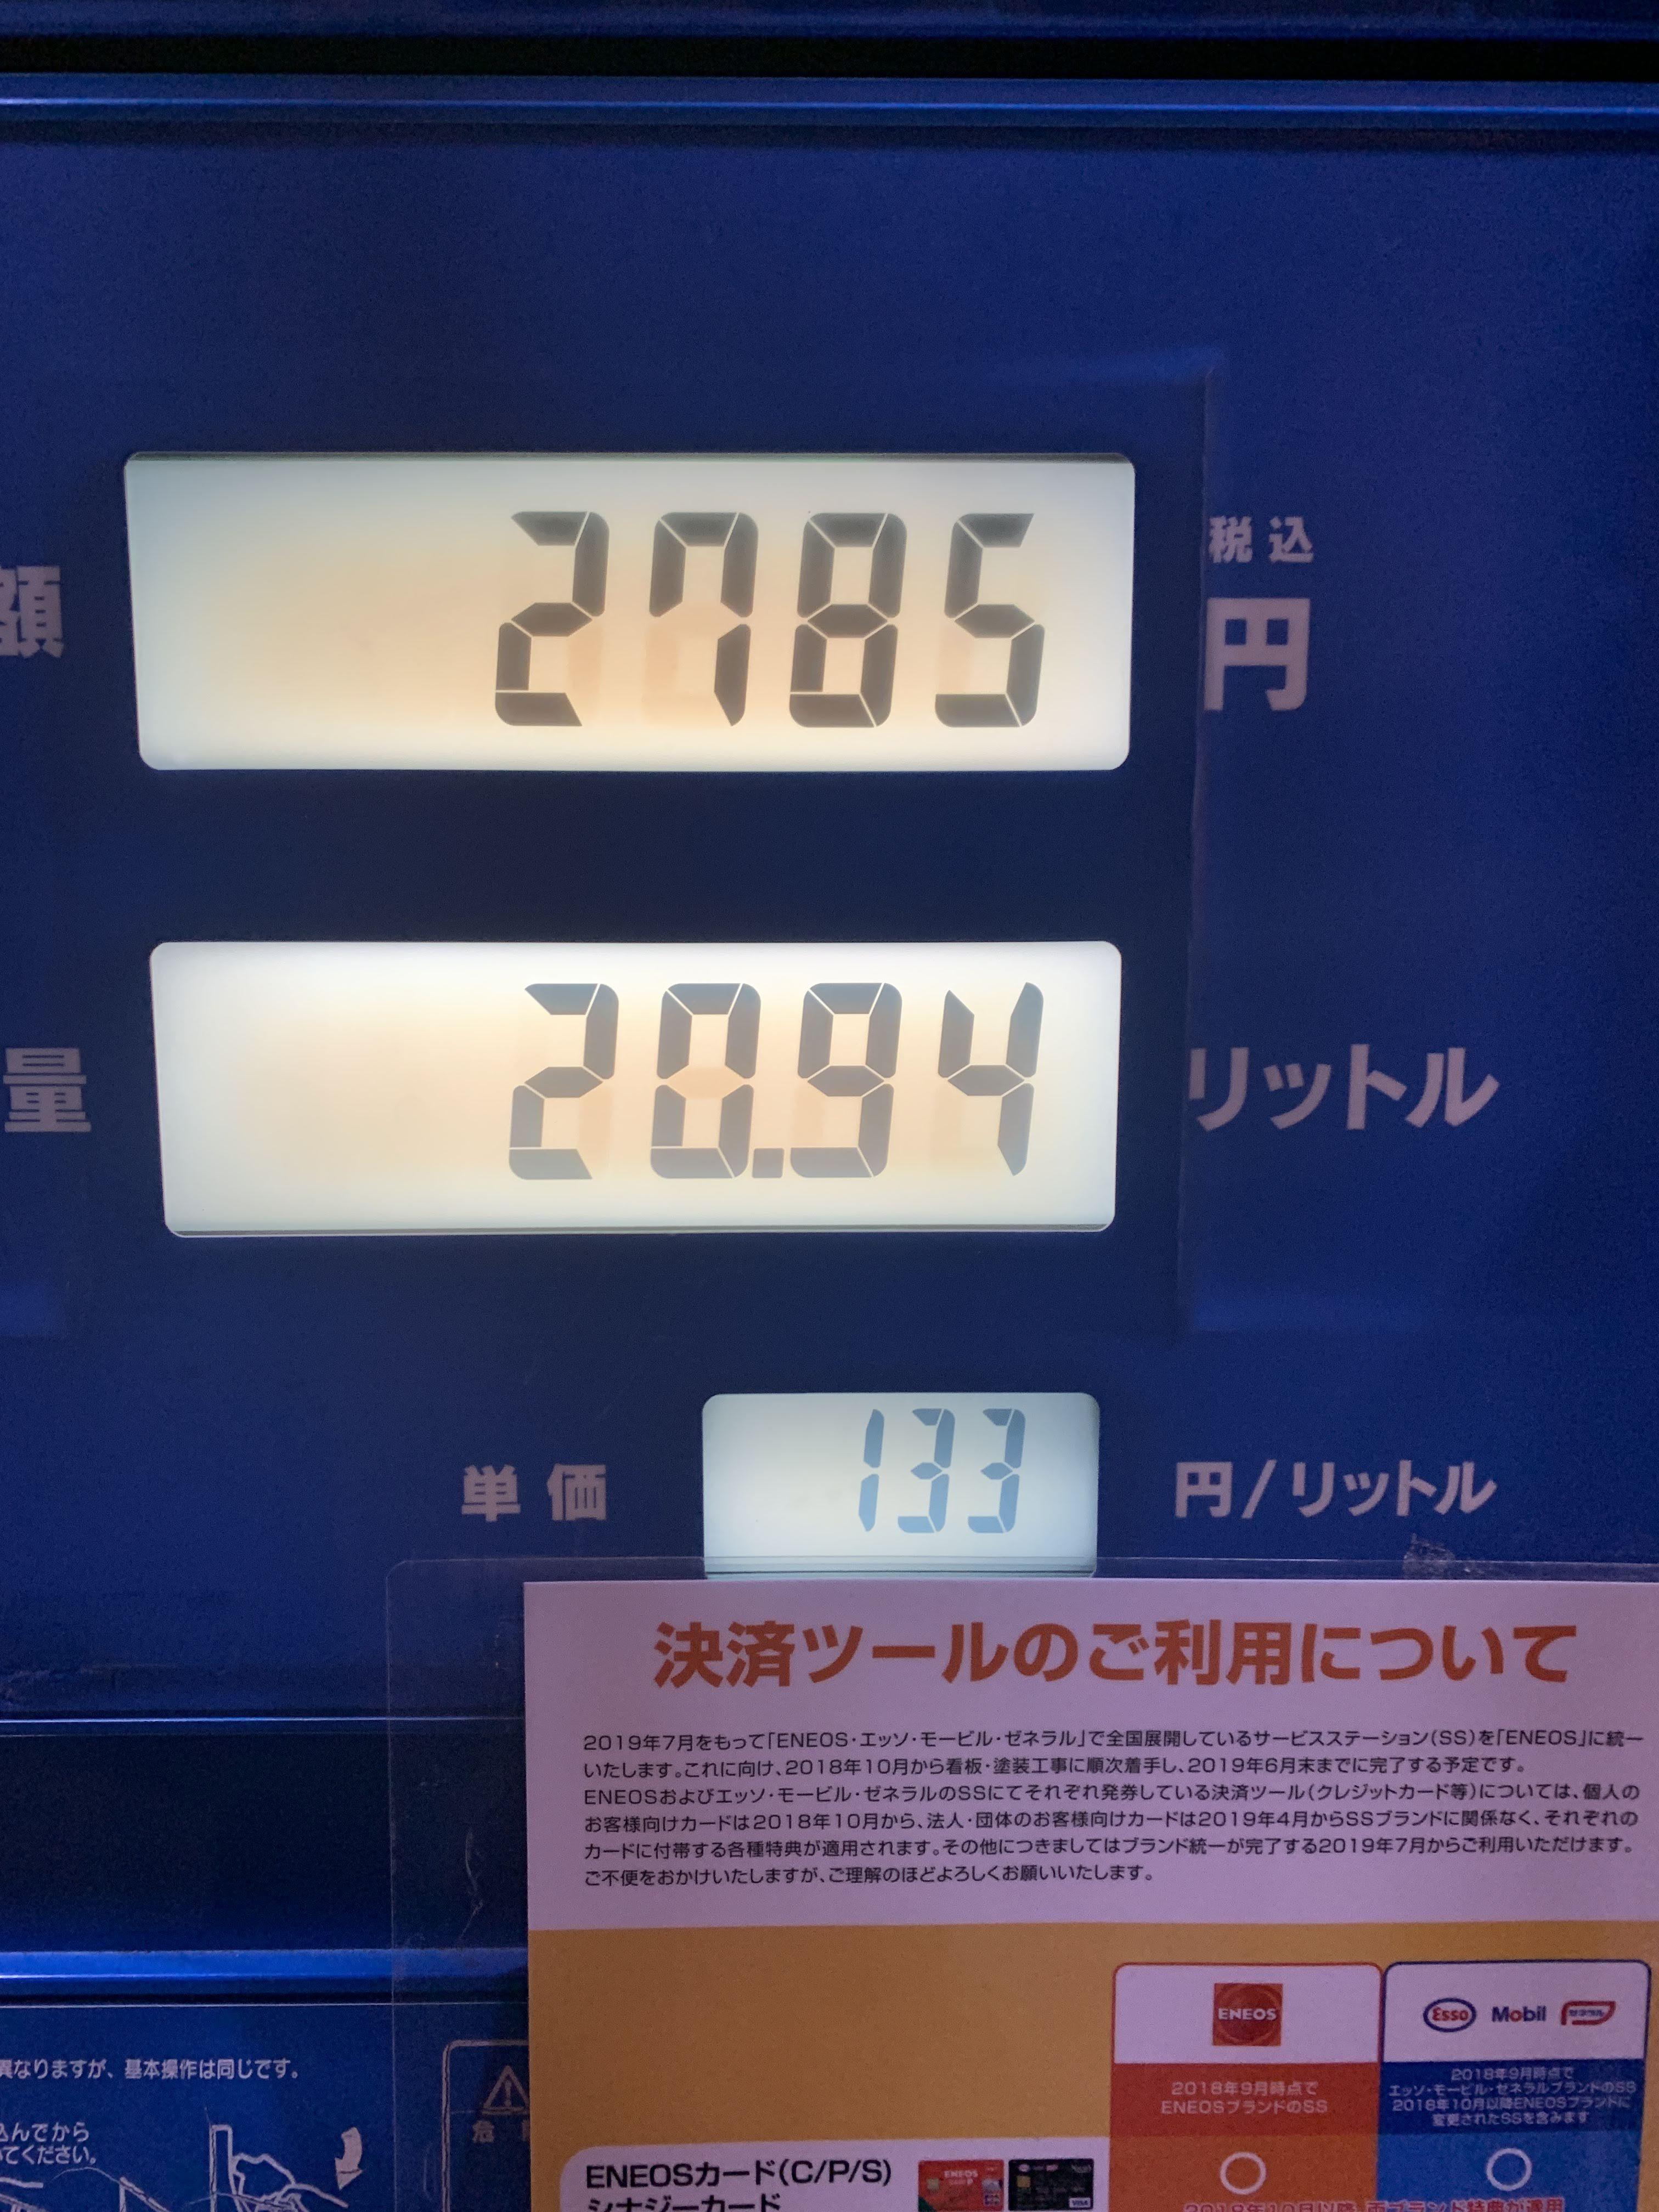 ガソリン価格が下がってきましたね♪